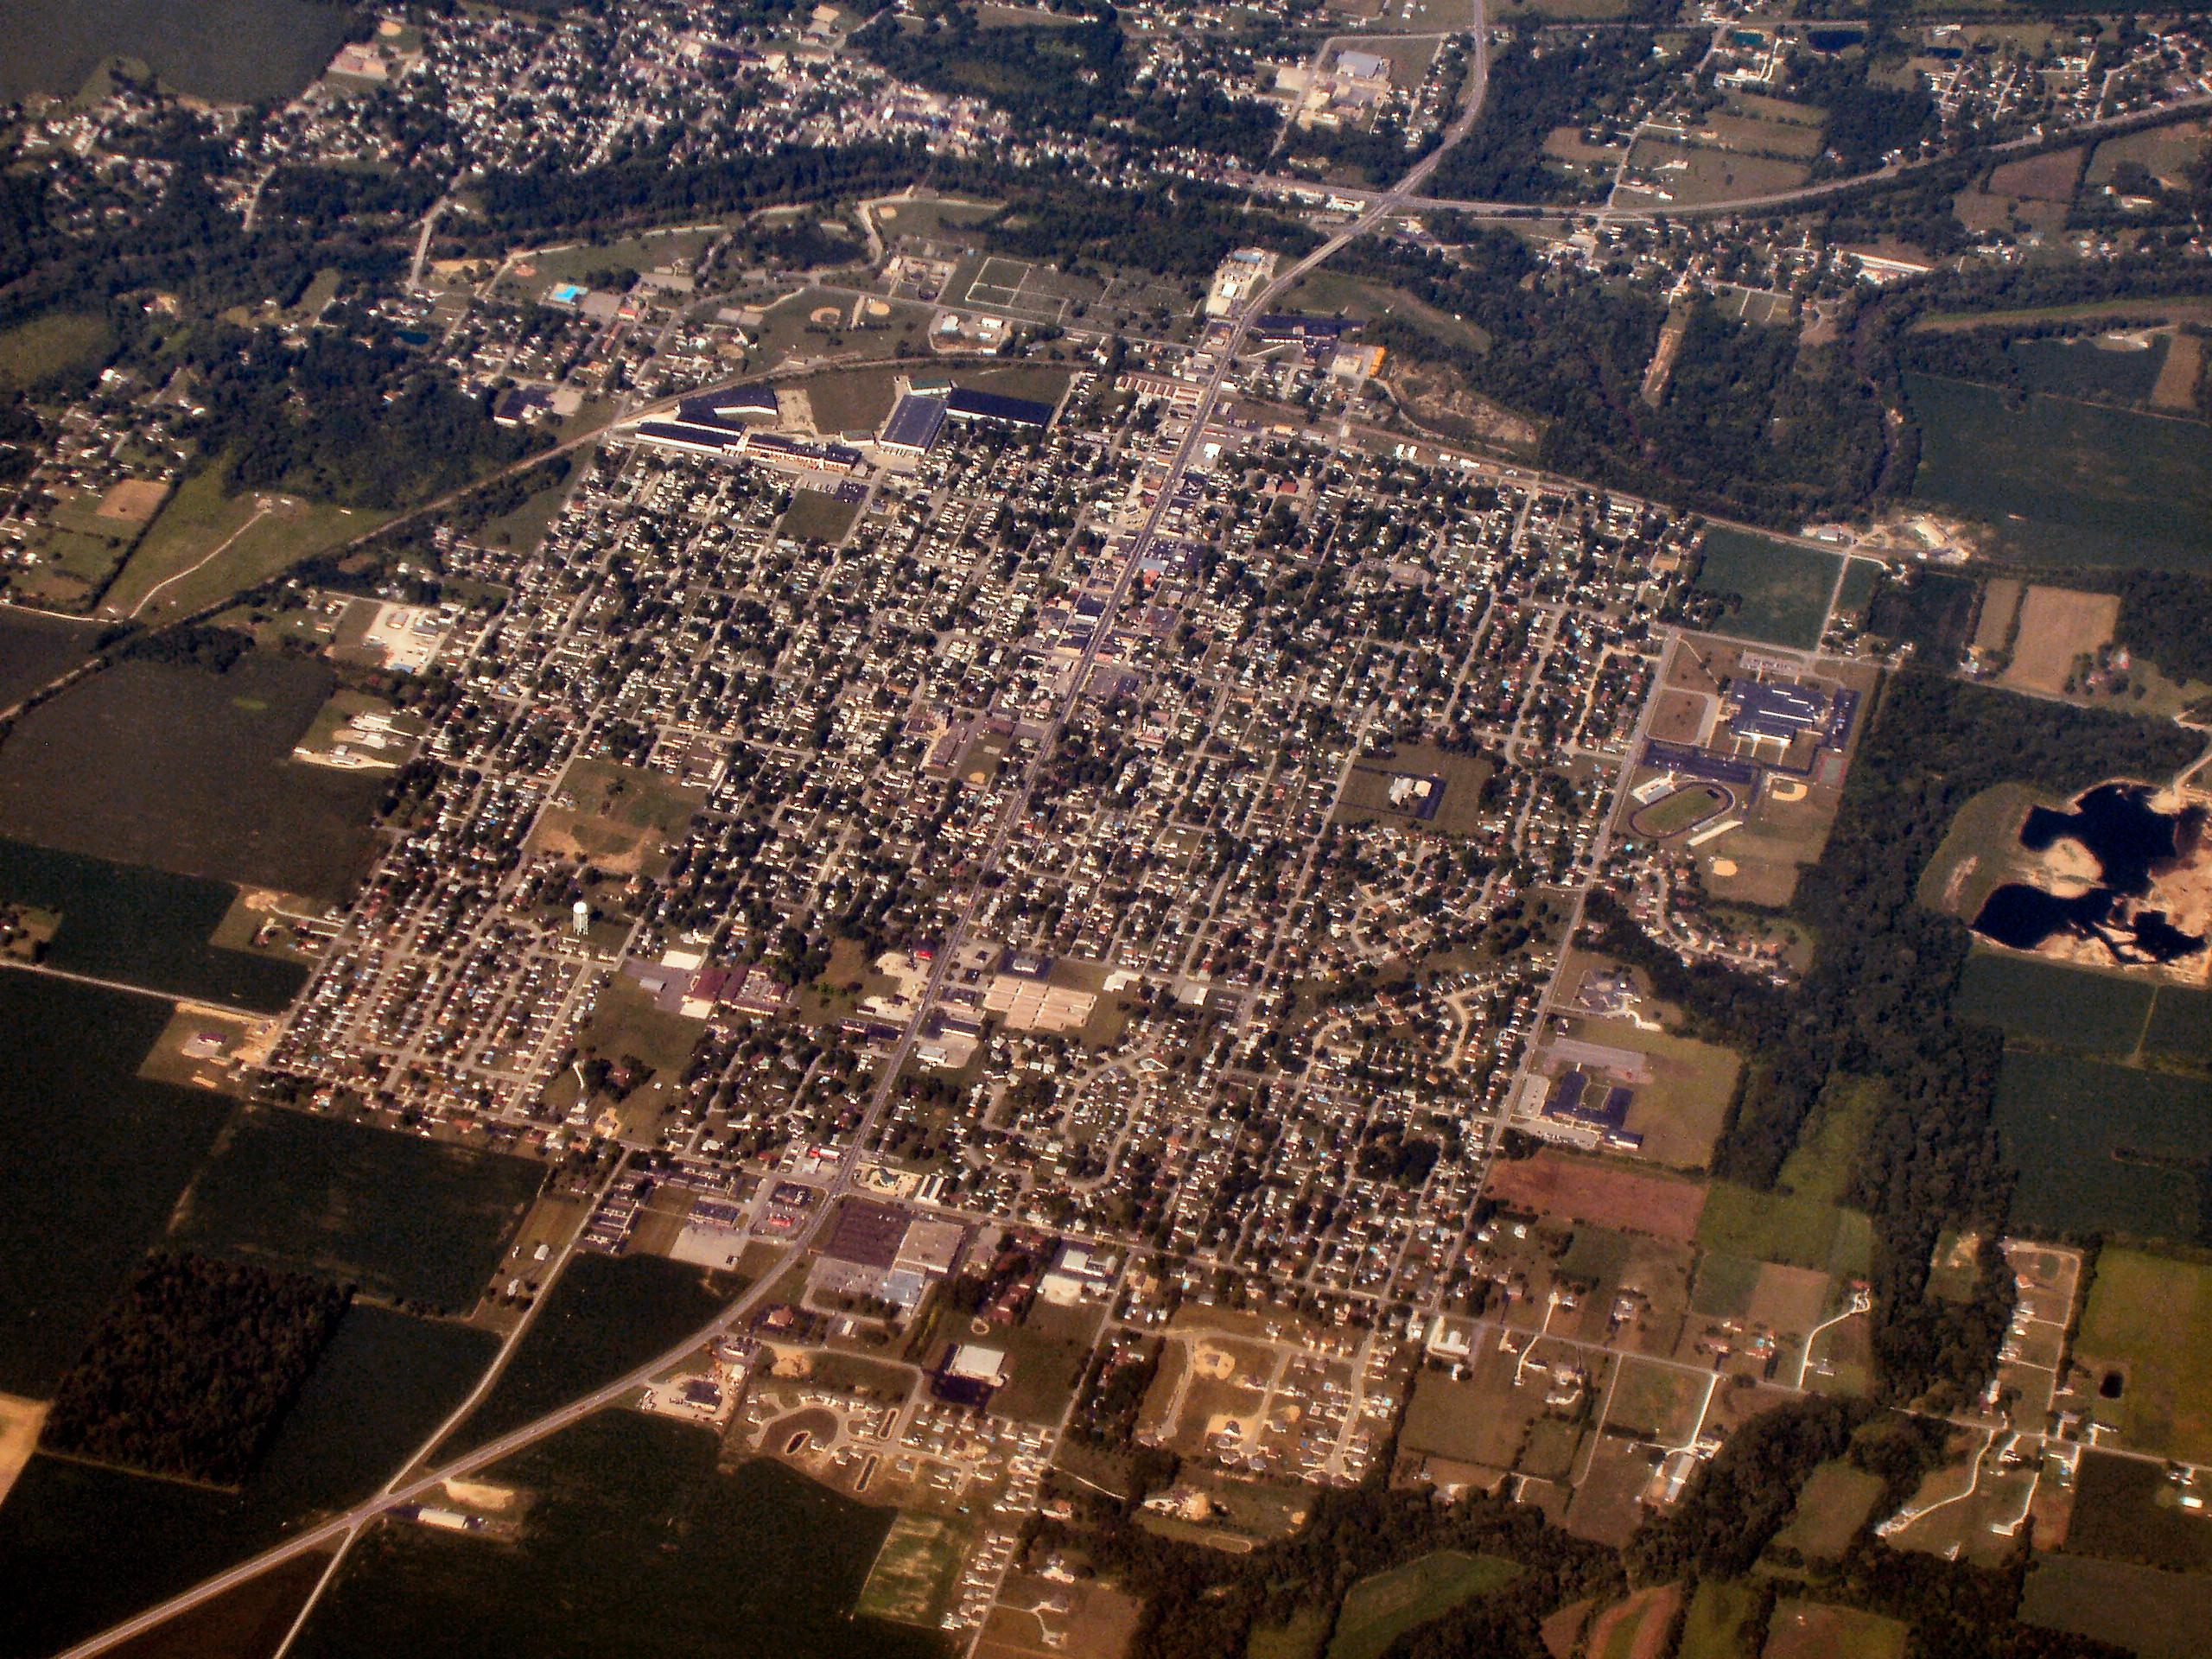 City Of Lawrenceburg Tn Zoning